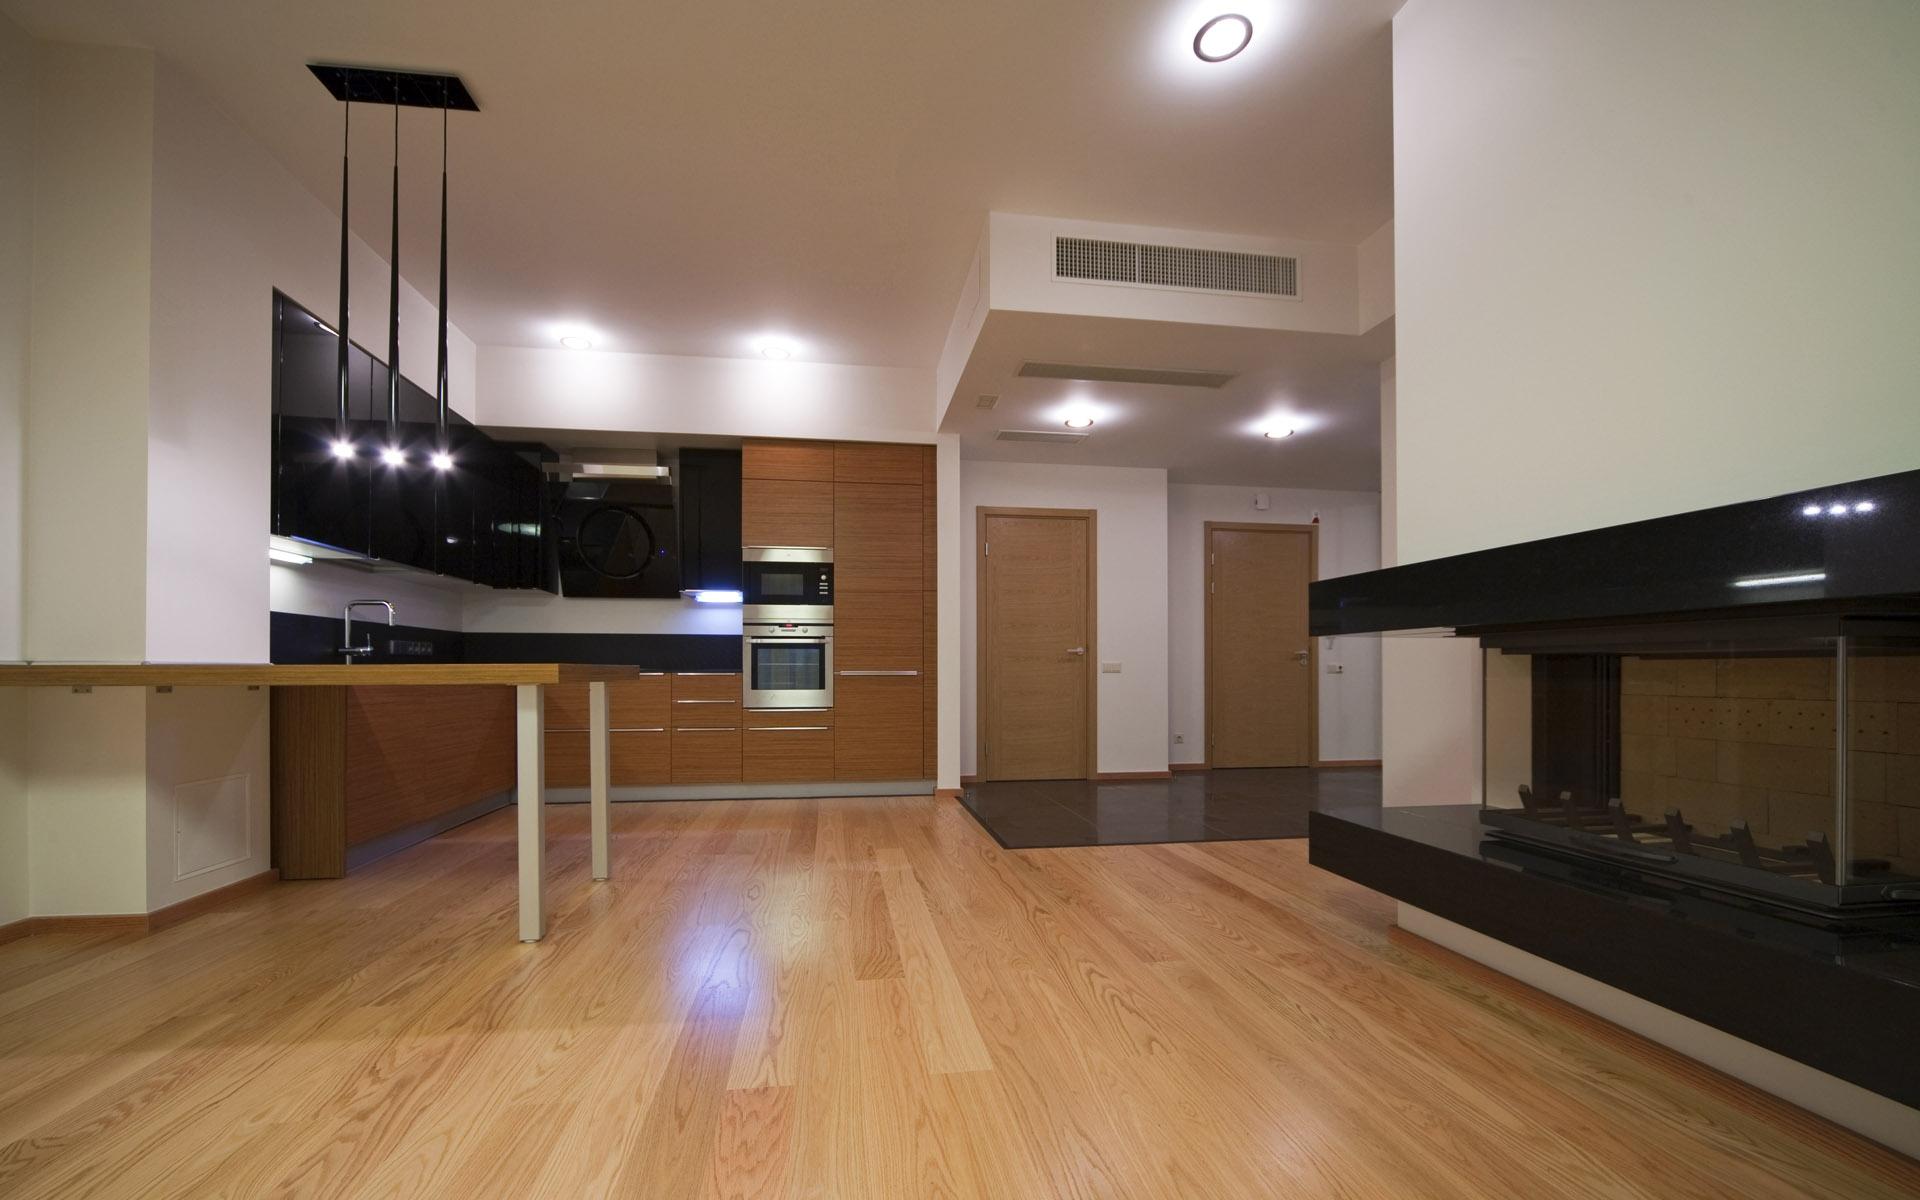 Sfondi : camera, legna, cucina, camino, interior design, tenuta ...